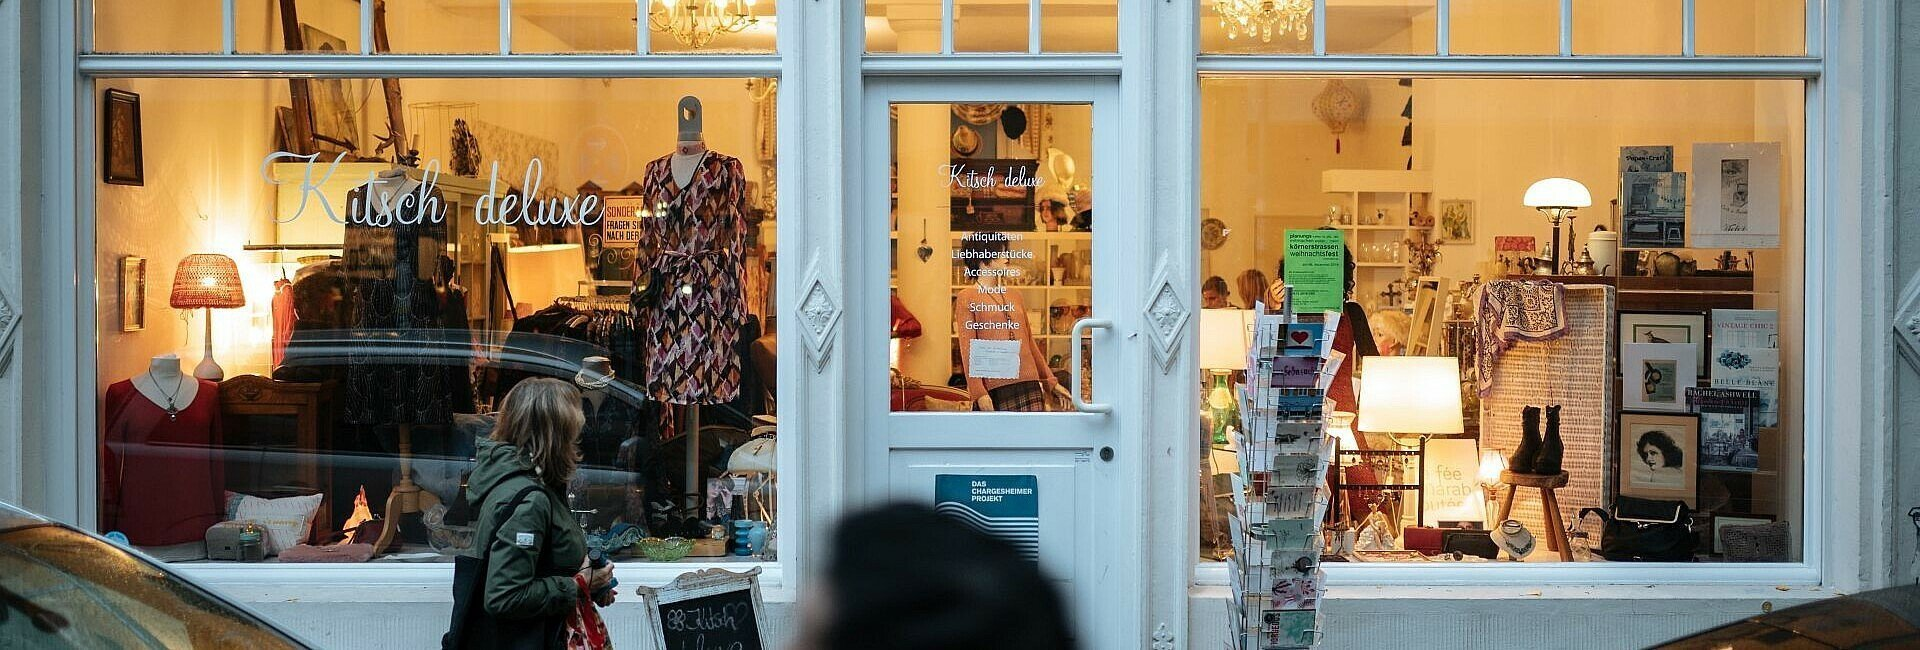 """Von außen betrachtet: Der Laden """"Kitsch deluxe"""" in Ehrenfeld"""